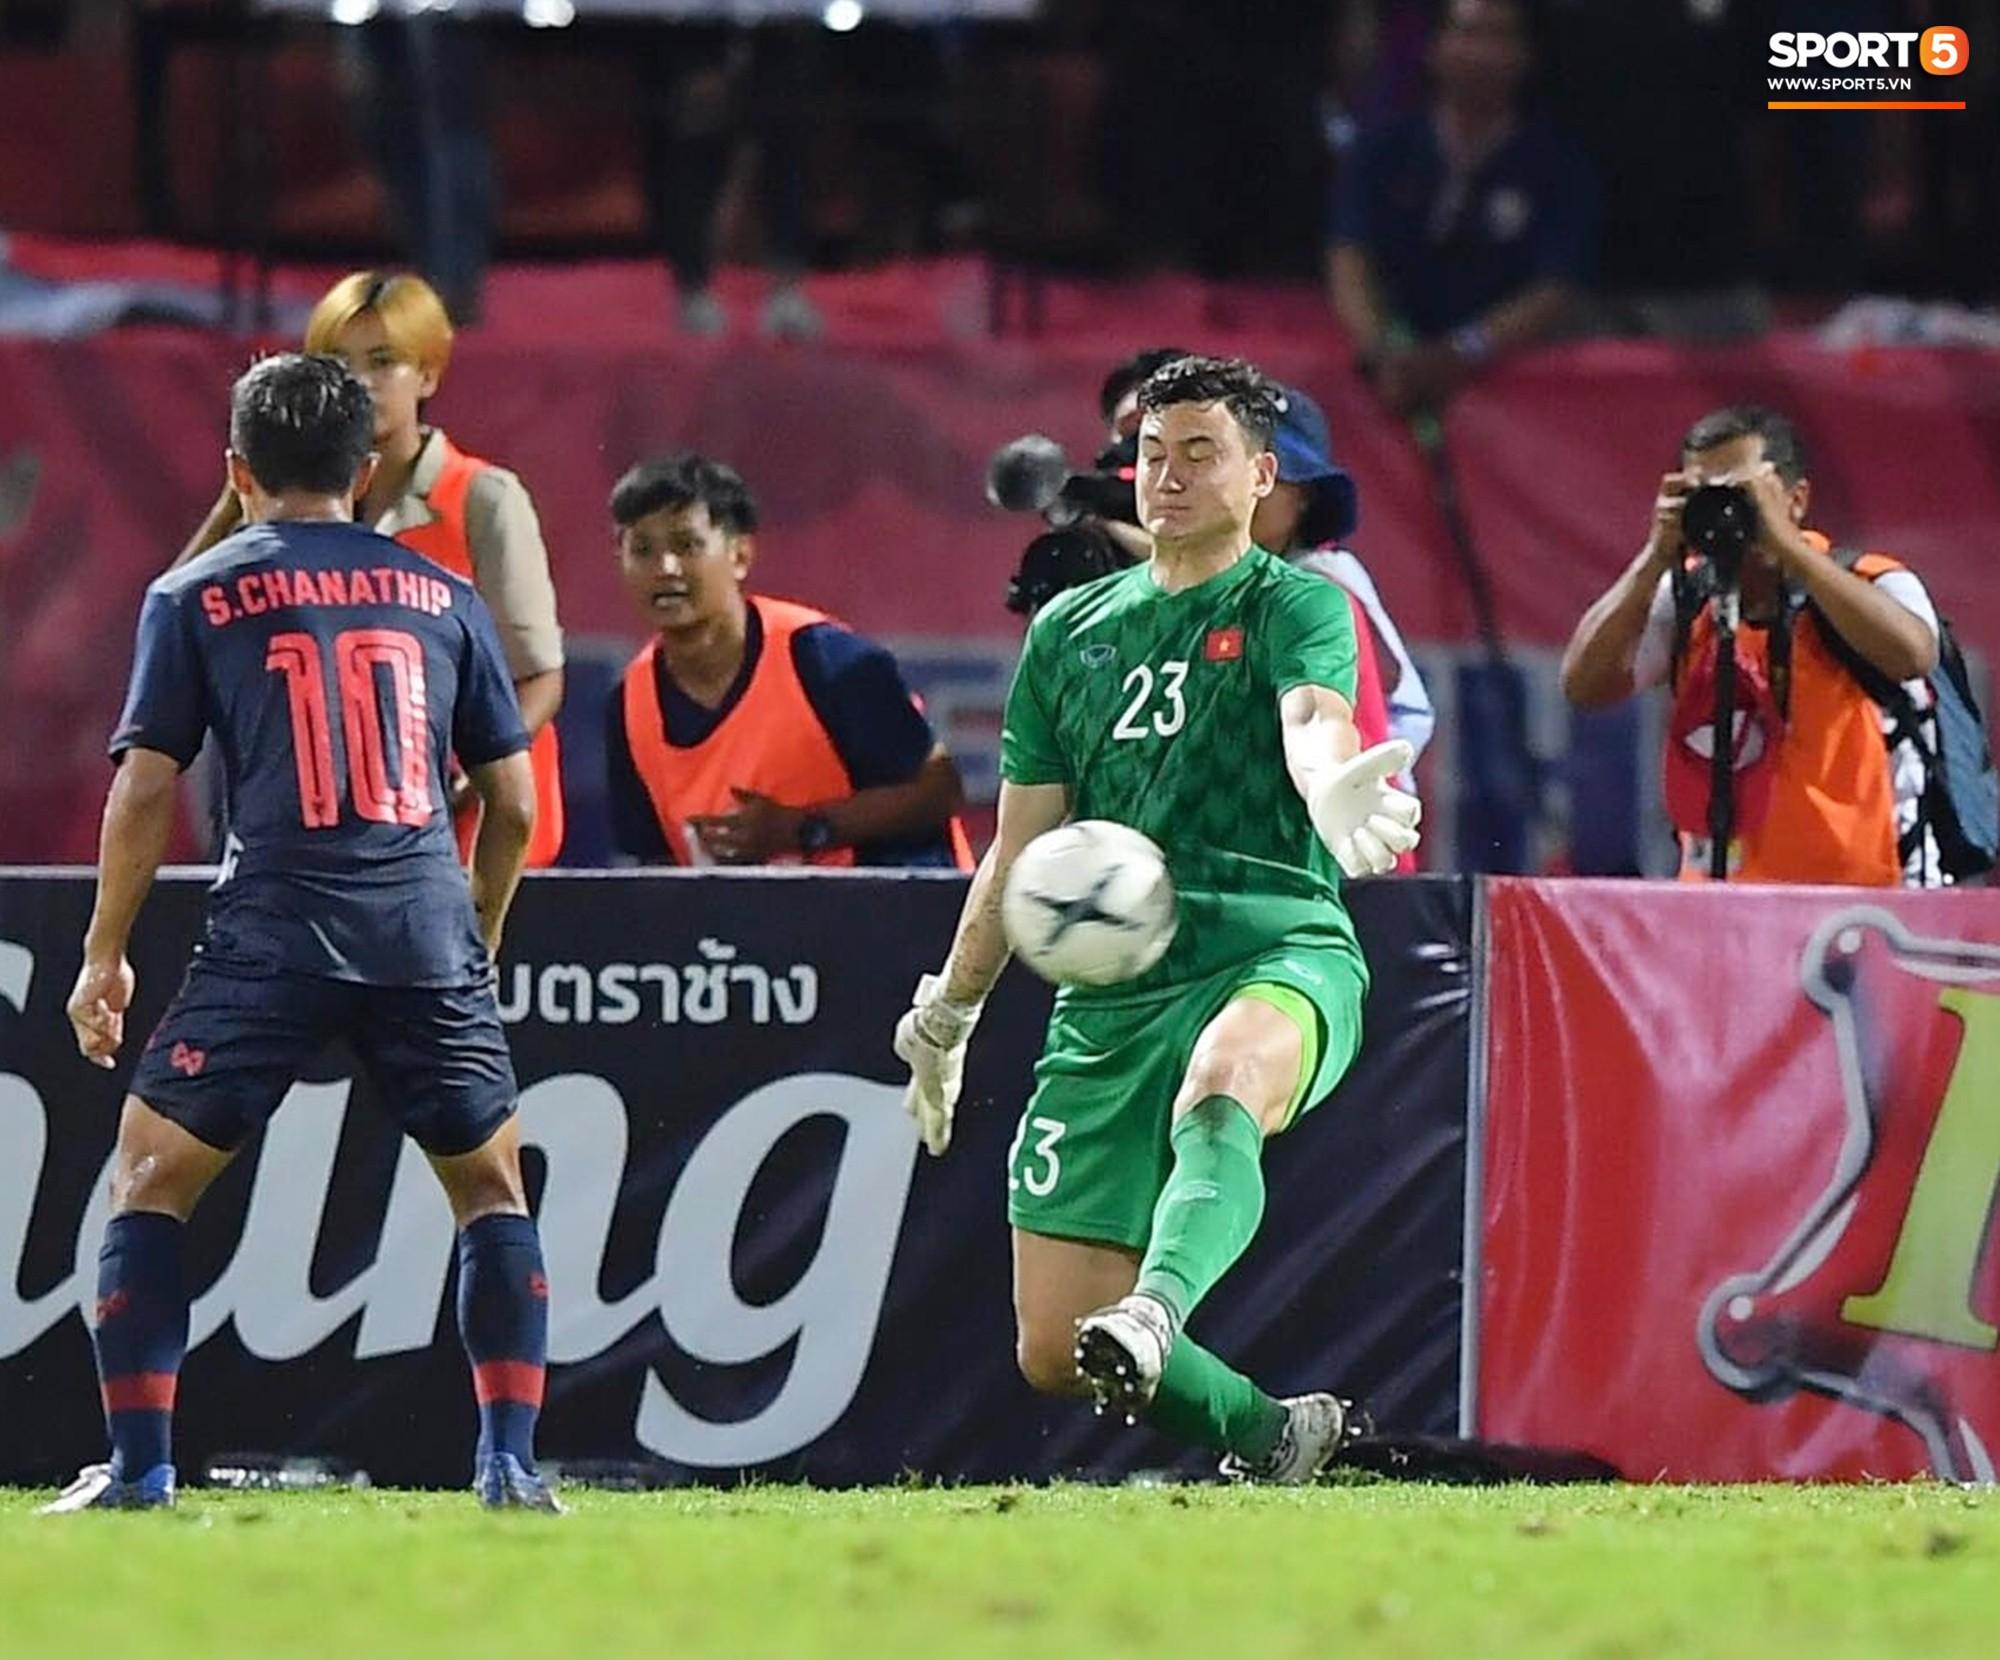 VZN News: Không phải thần may mắn, đây mới là người giúp Việt Nam có 1 điểm quý giá trước Thái Lan tại Vòng loại World Cup 2022 - Ảnh 4.